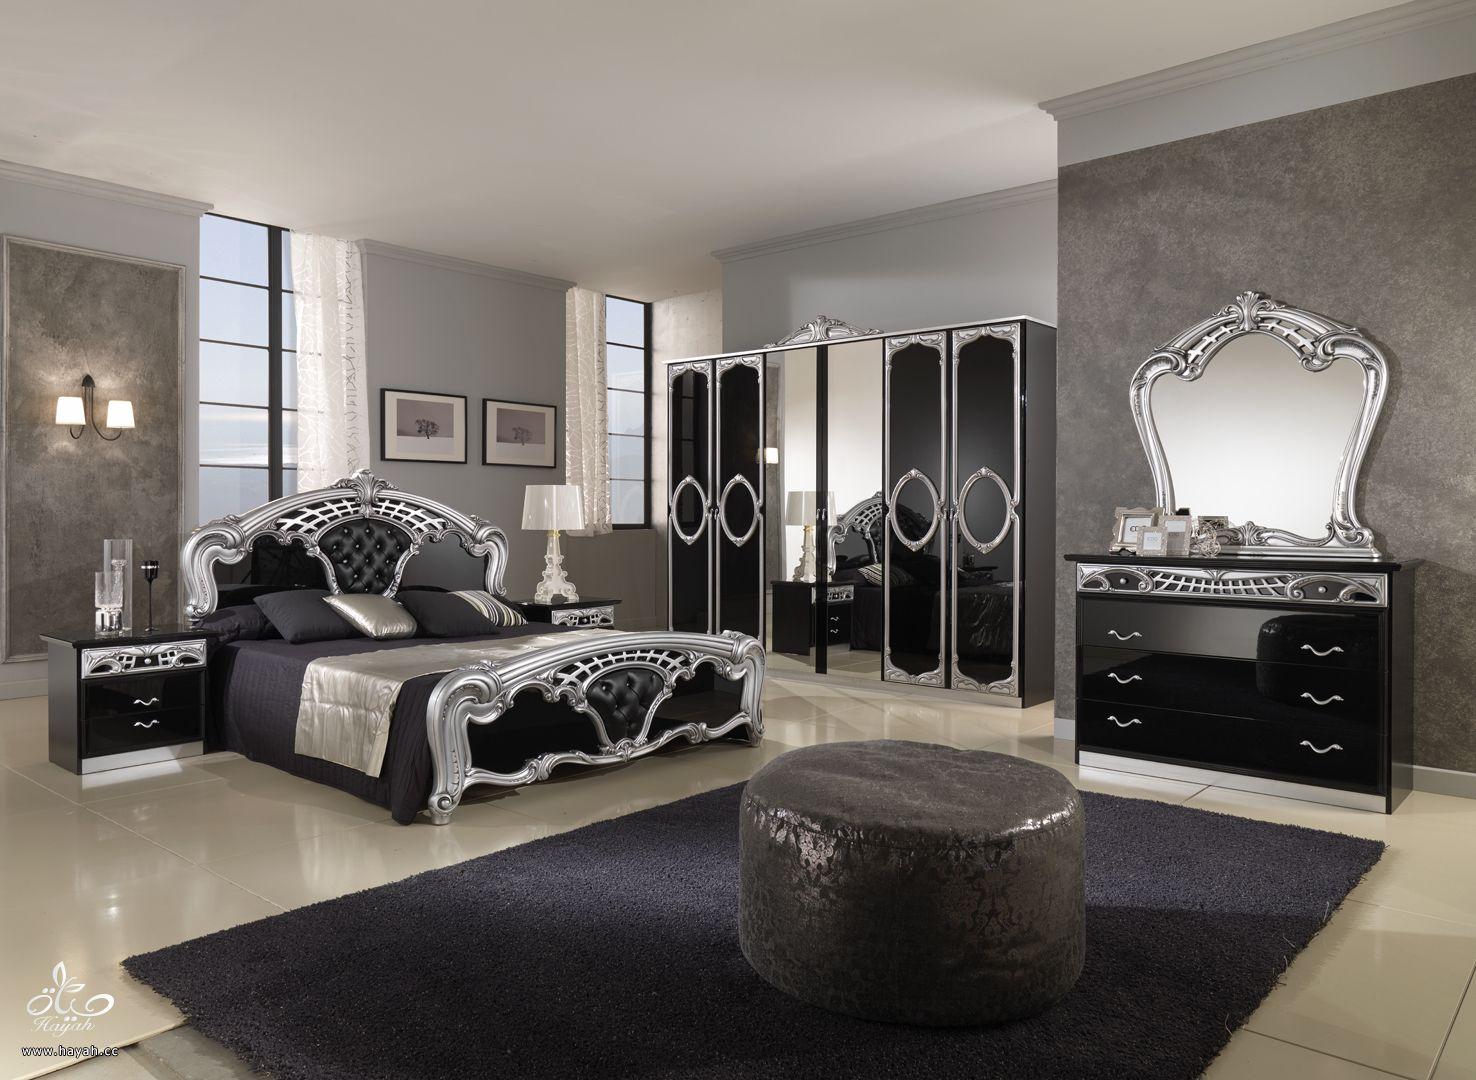 غرف نوم رقيقة - غرف مودرن باللون الاسود والابيض hayahcc_1431935925_620.jpg